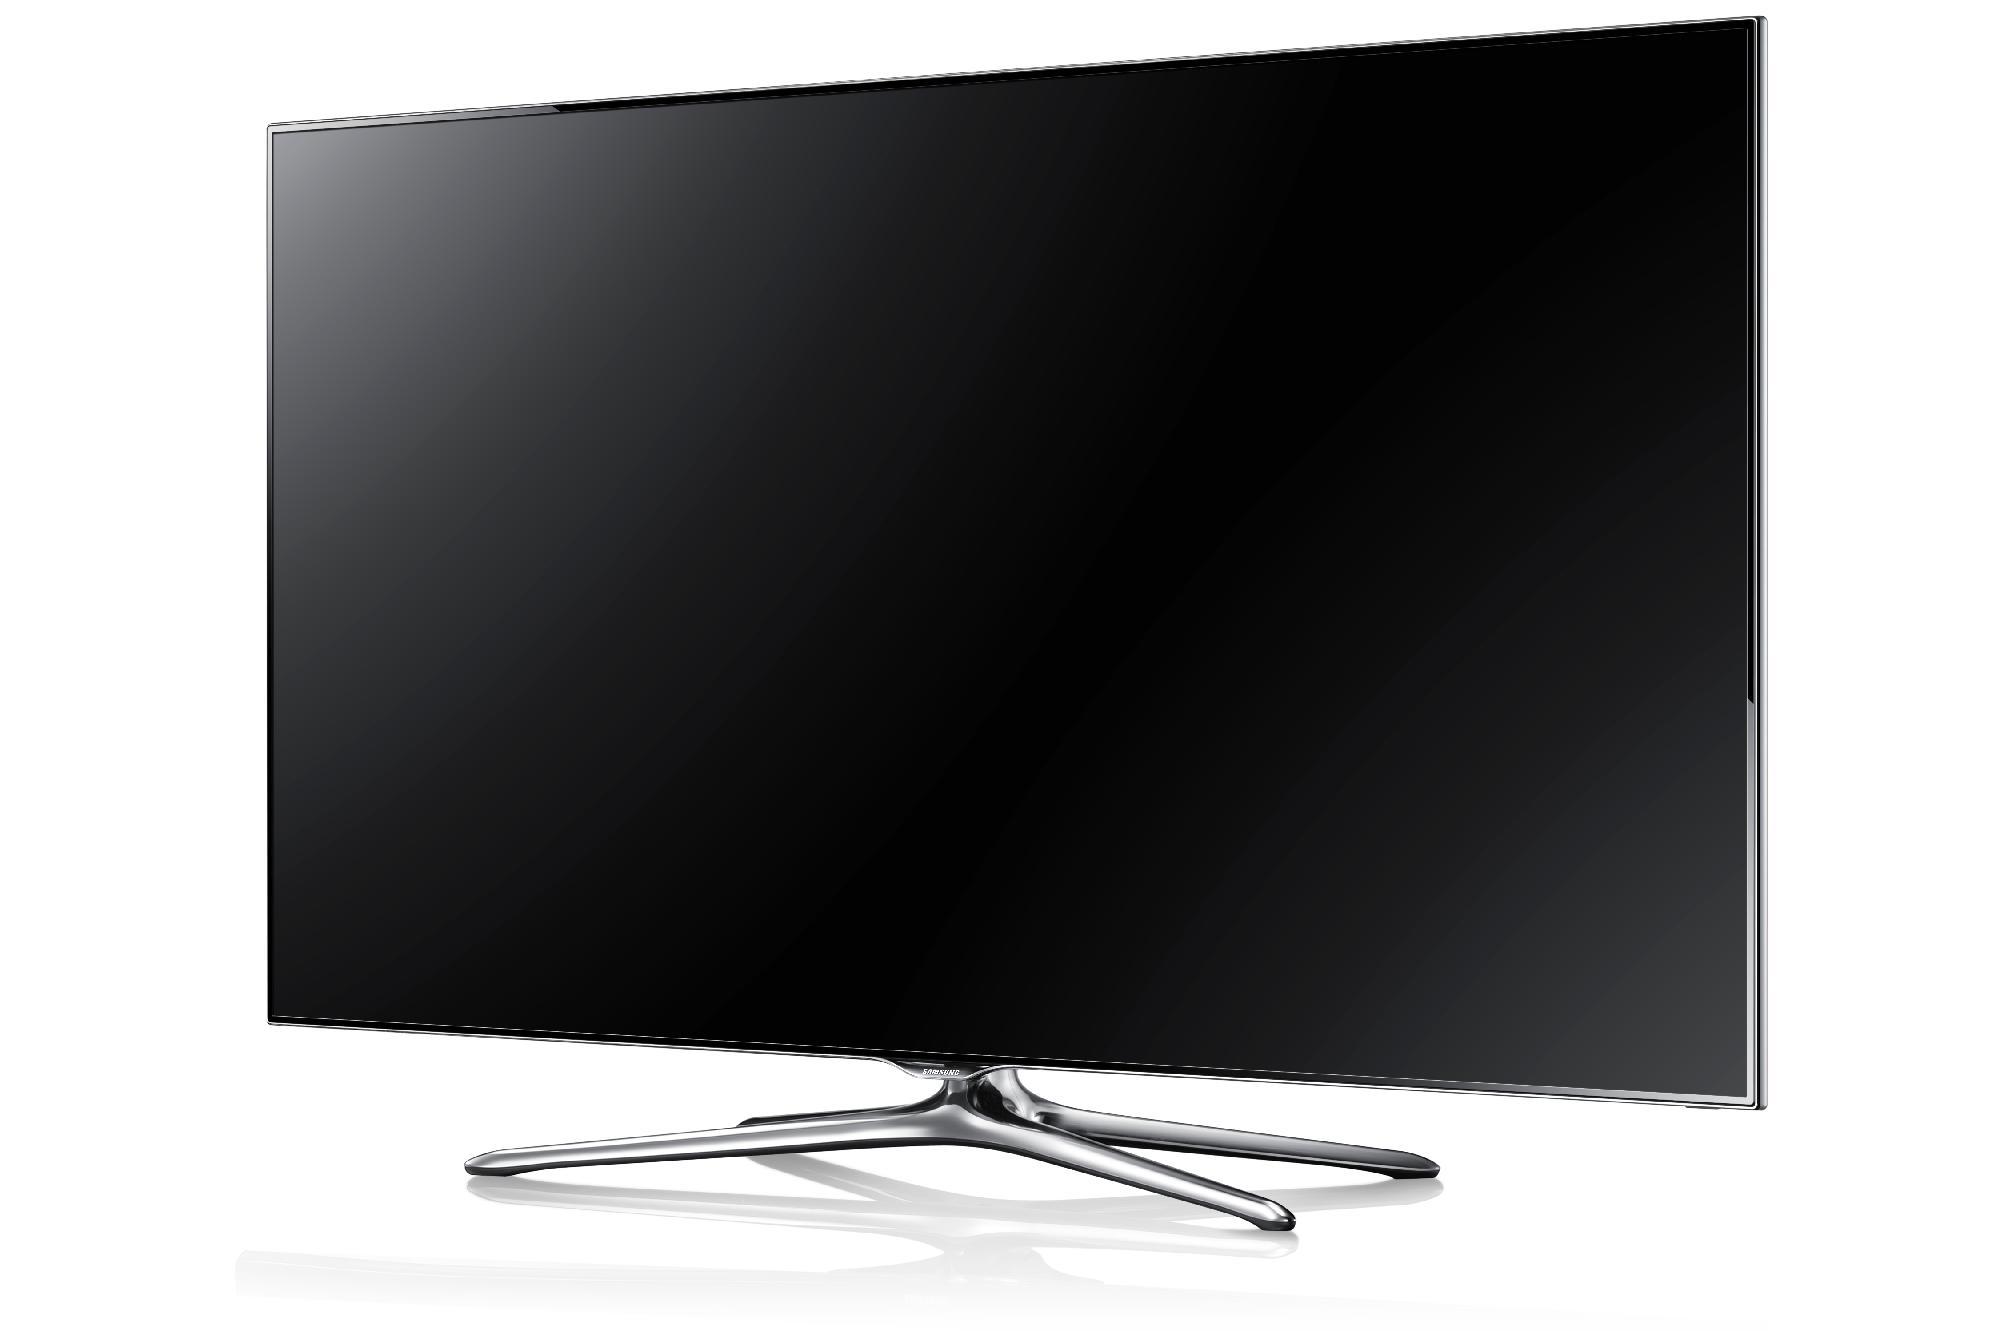 """Samsung 60"""" Class 1080p 240Hz 3D LED HDTV-UN60F7100"""